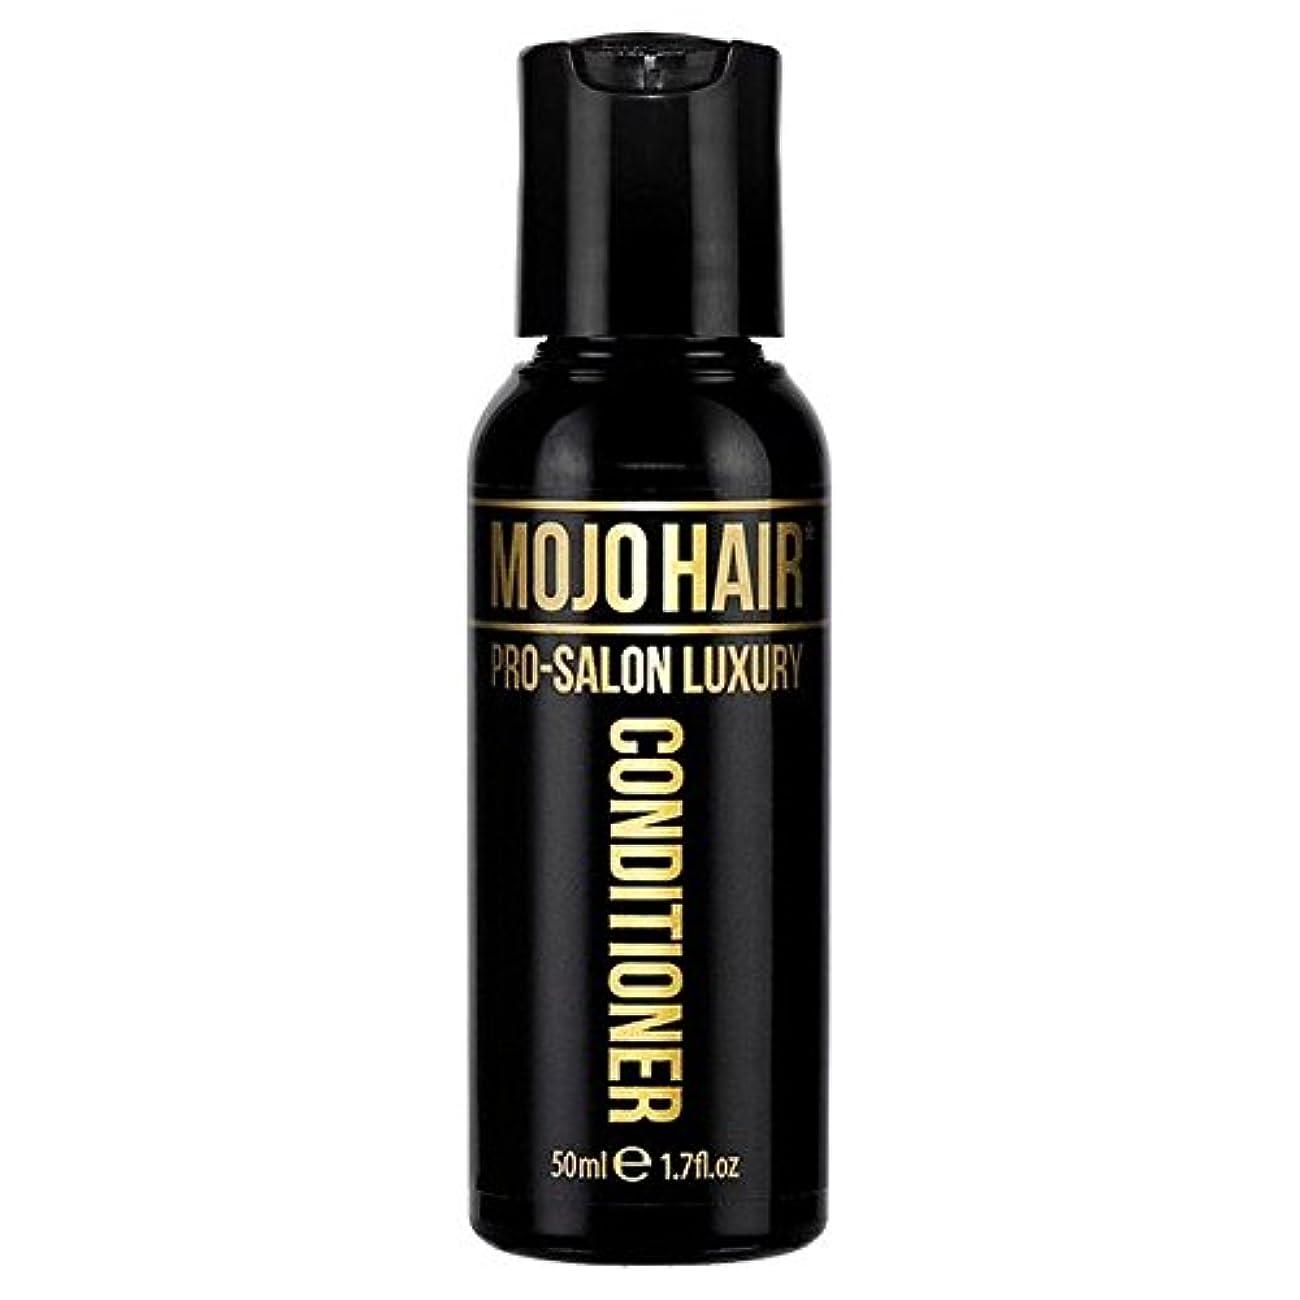 流行している航海のお風呂を持っている男性のためのモジョの毛プロのサロンの贅沢な香りコンディショナー、トラベルサイズの50ミリリットル x4 - MOJO HAIR Pro-Salon Luxury Fragrance Conditioner for Men...